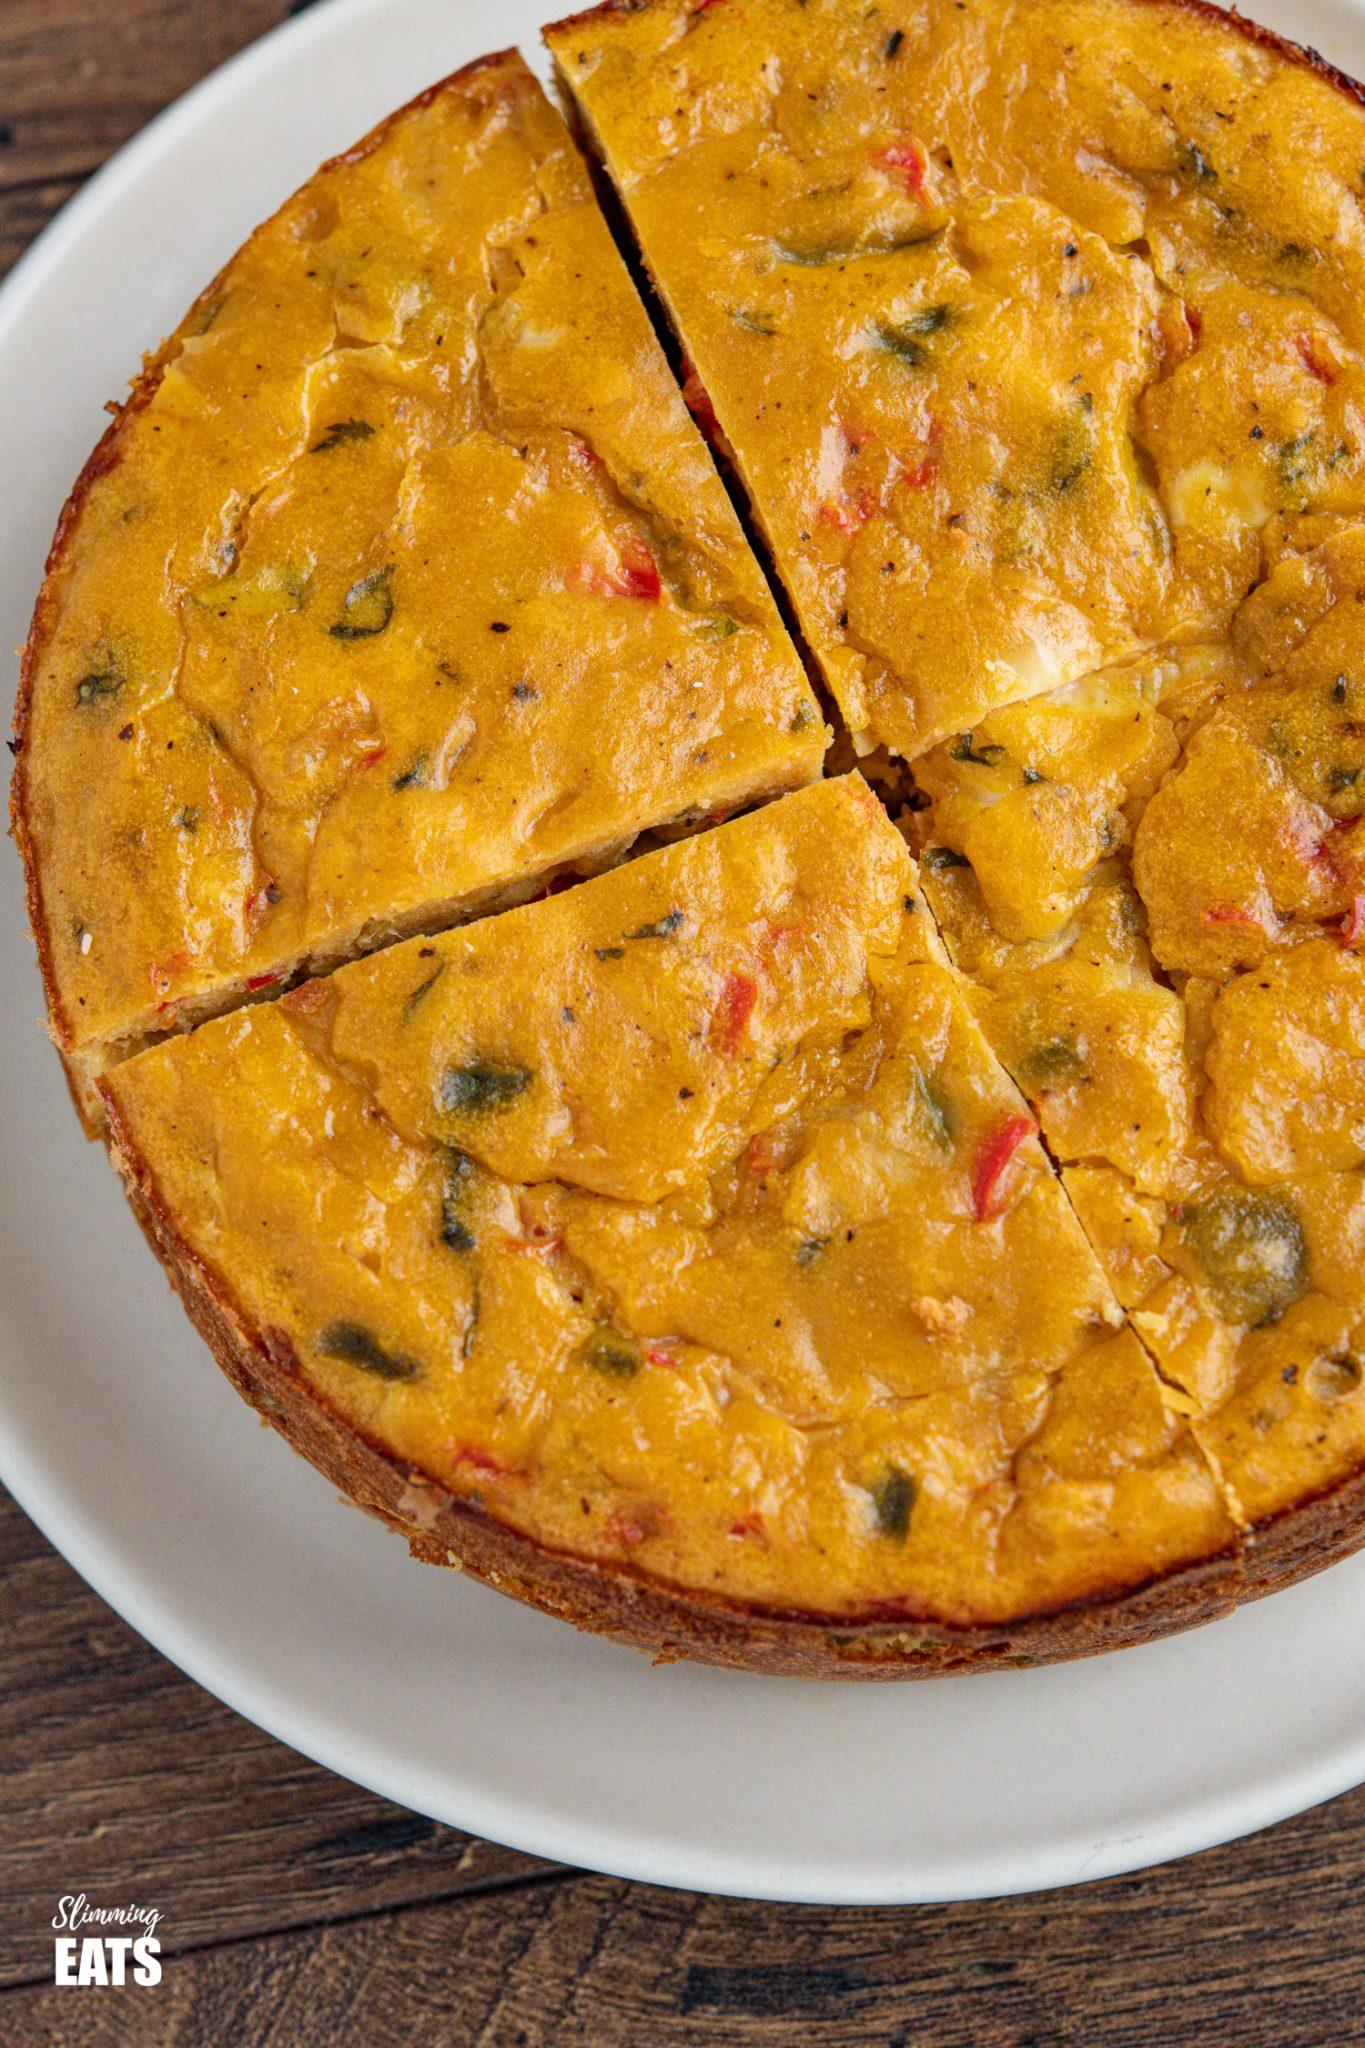 close up of sliced lentil cheddar bake on plate